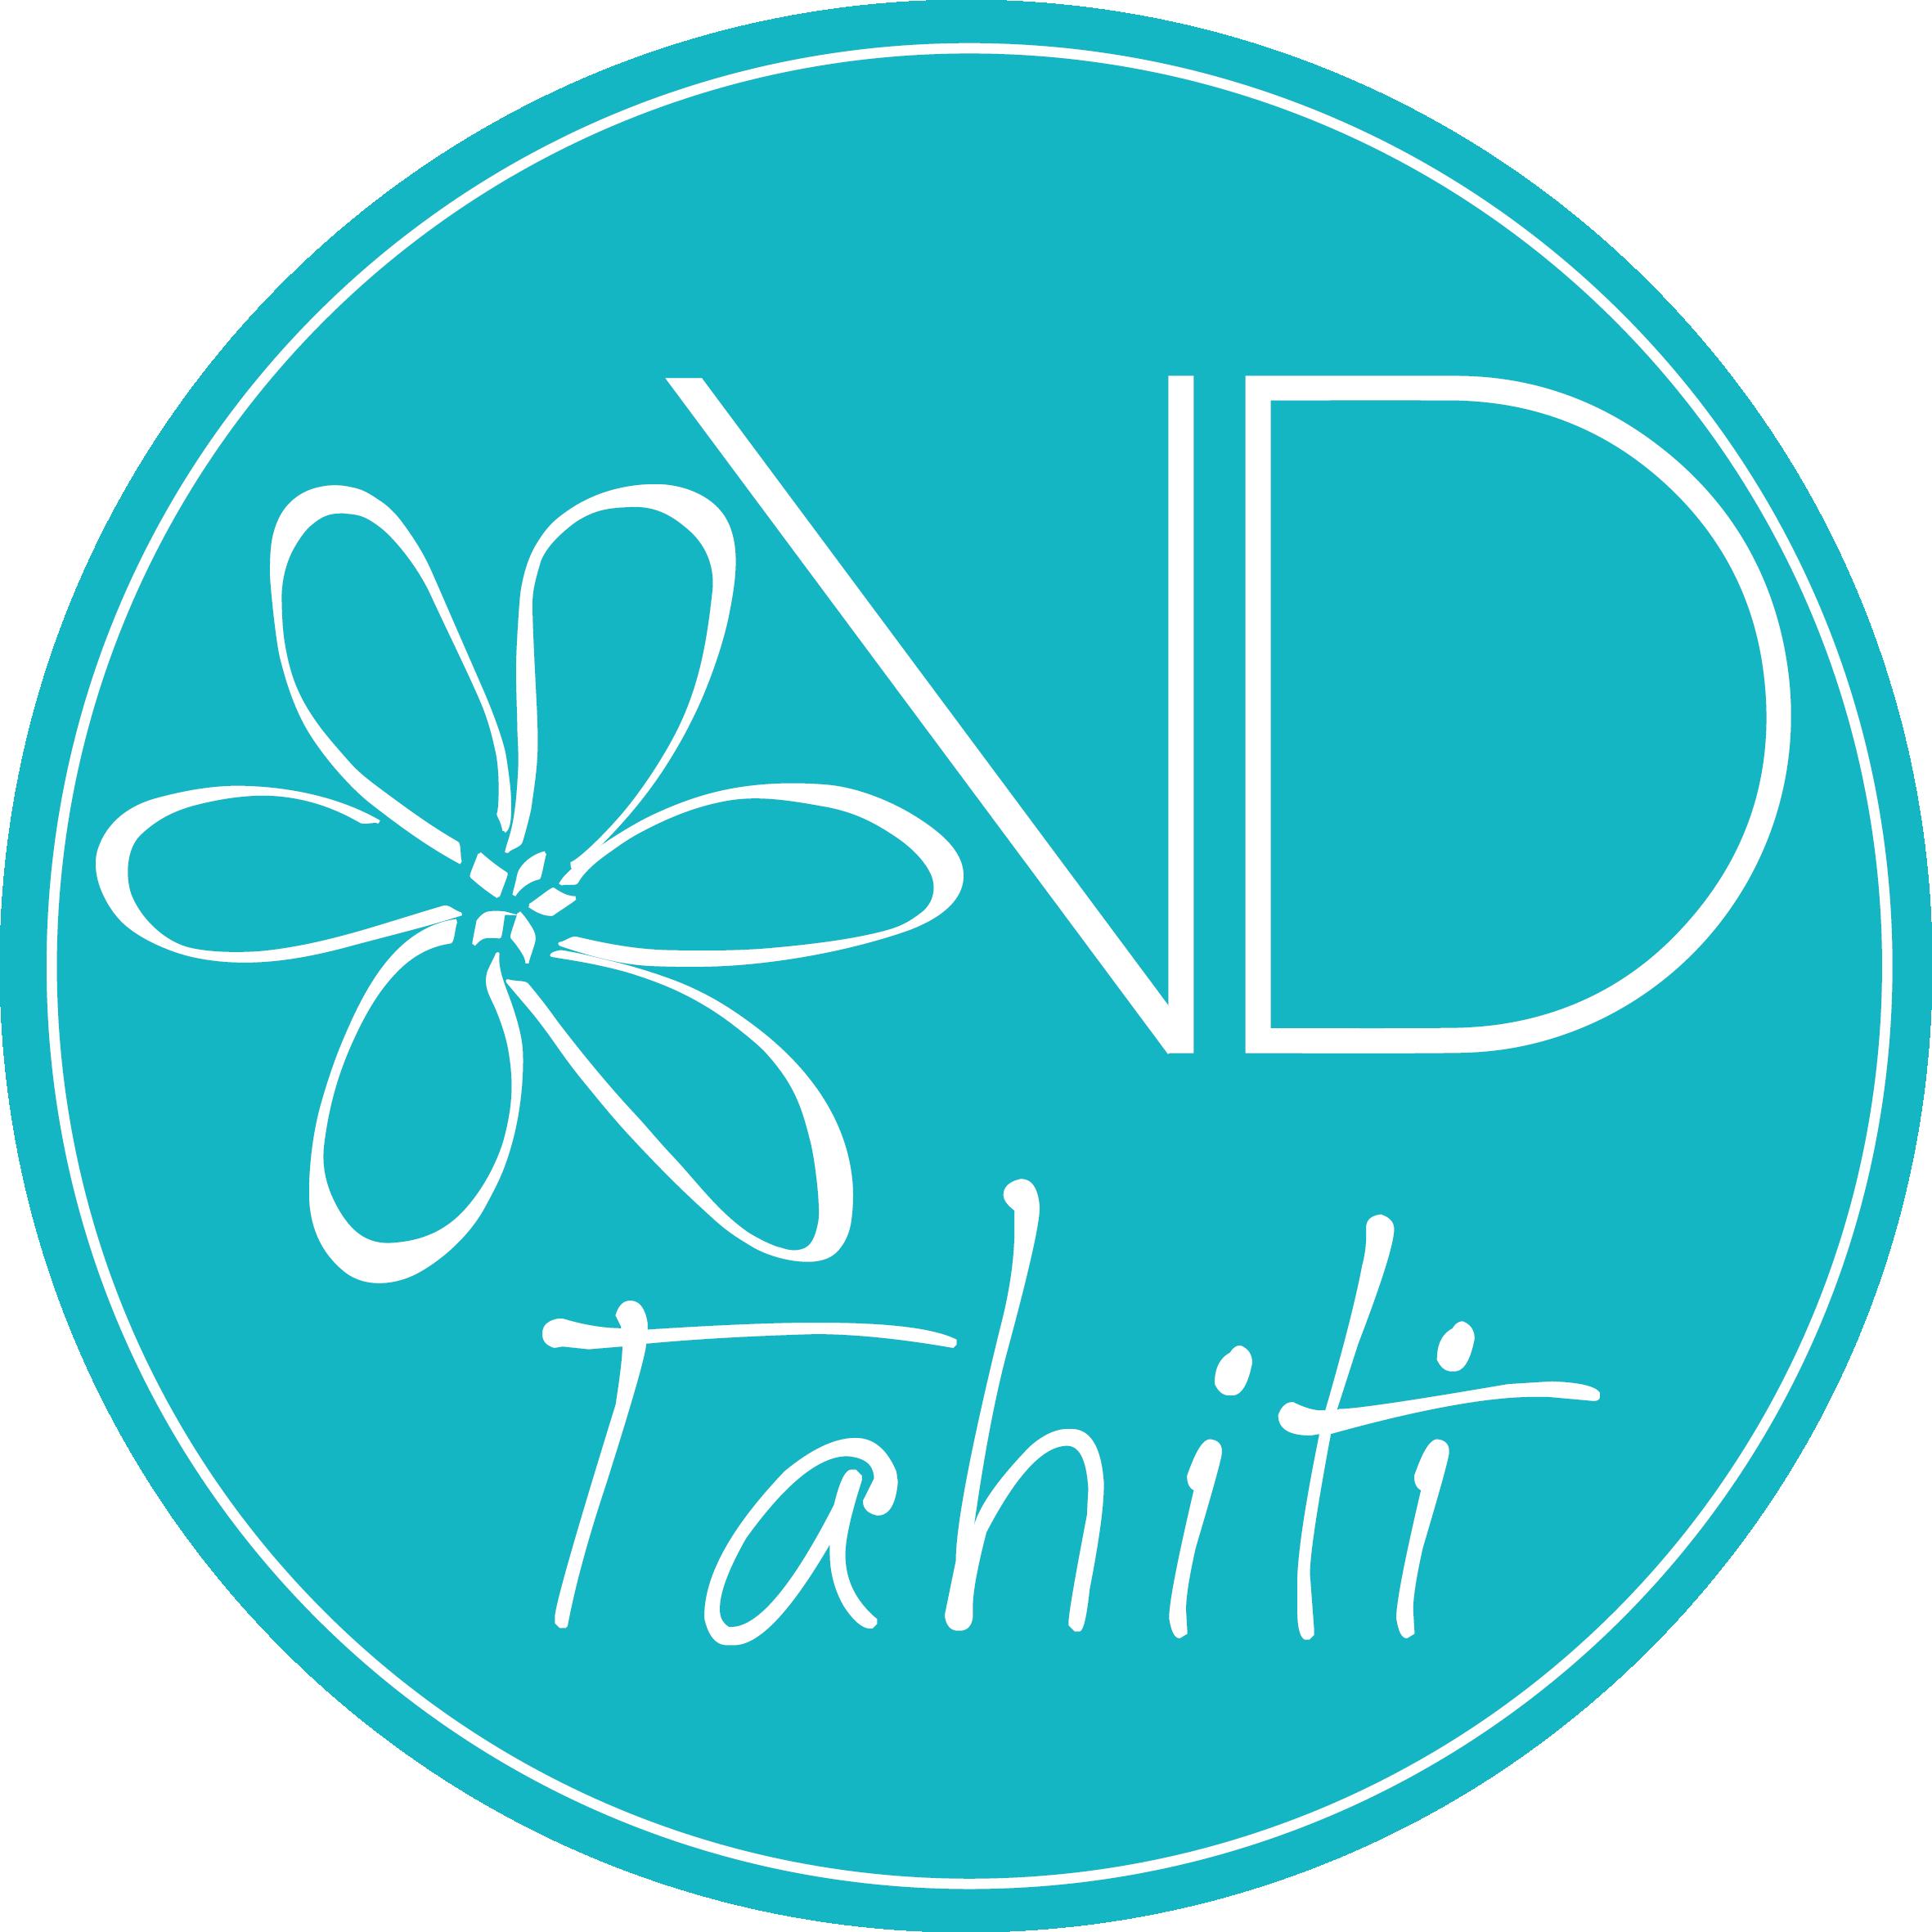 VD TAHITI